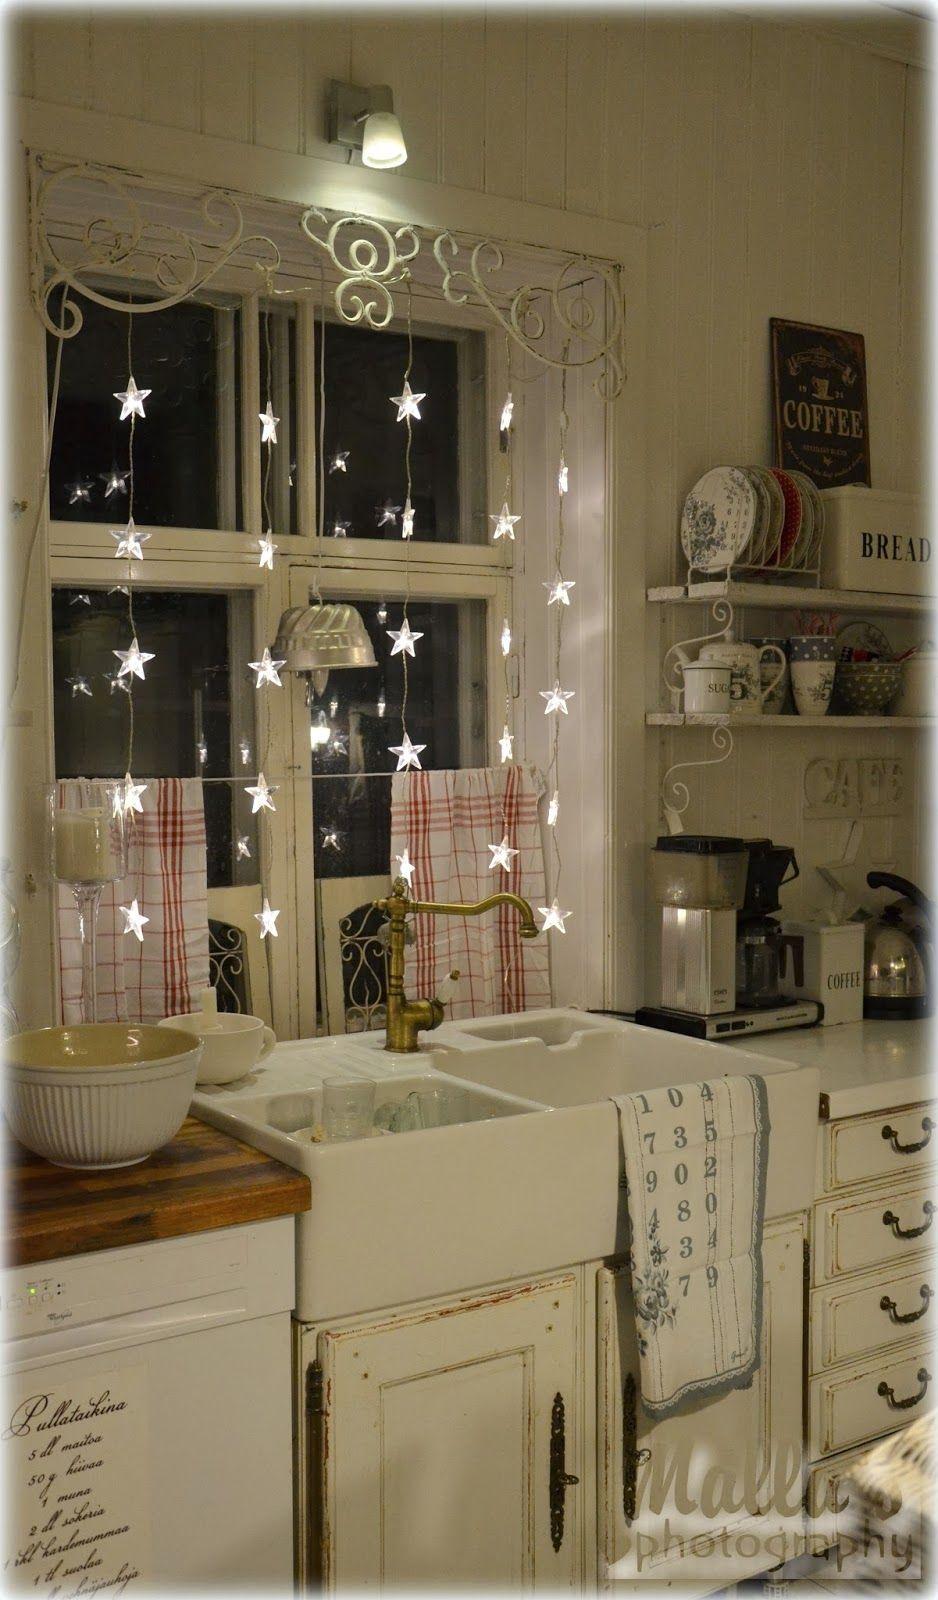 lifting up my spirits | Pinterest | Küchenfenster, Lichterkette und ...